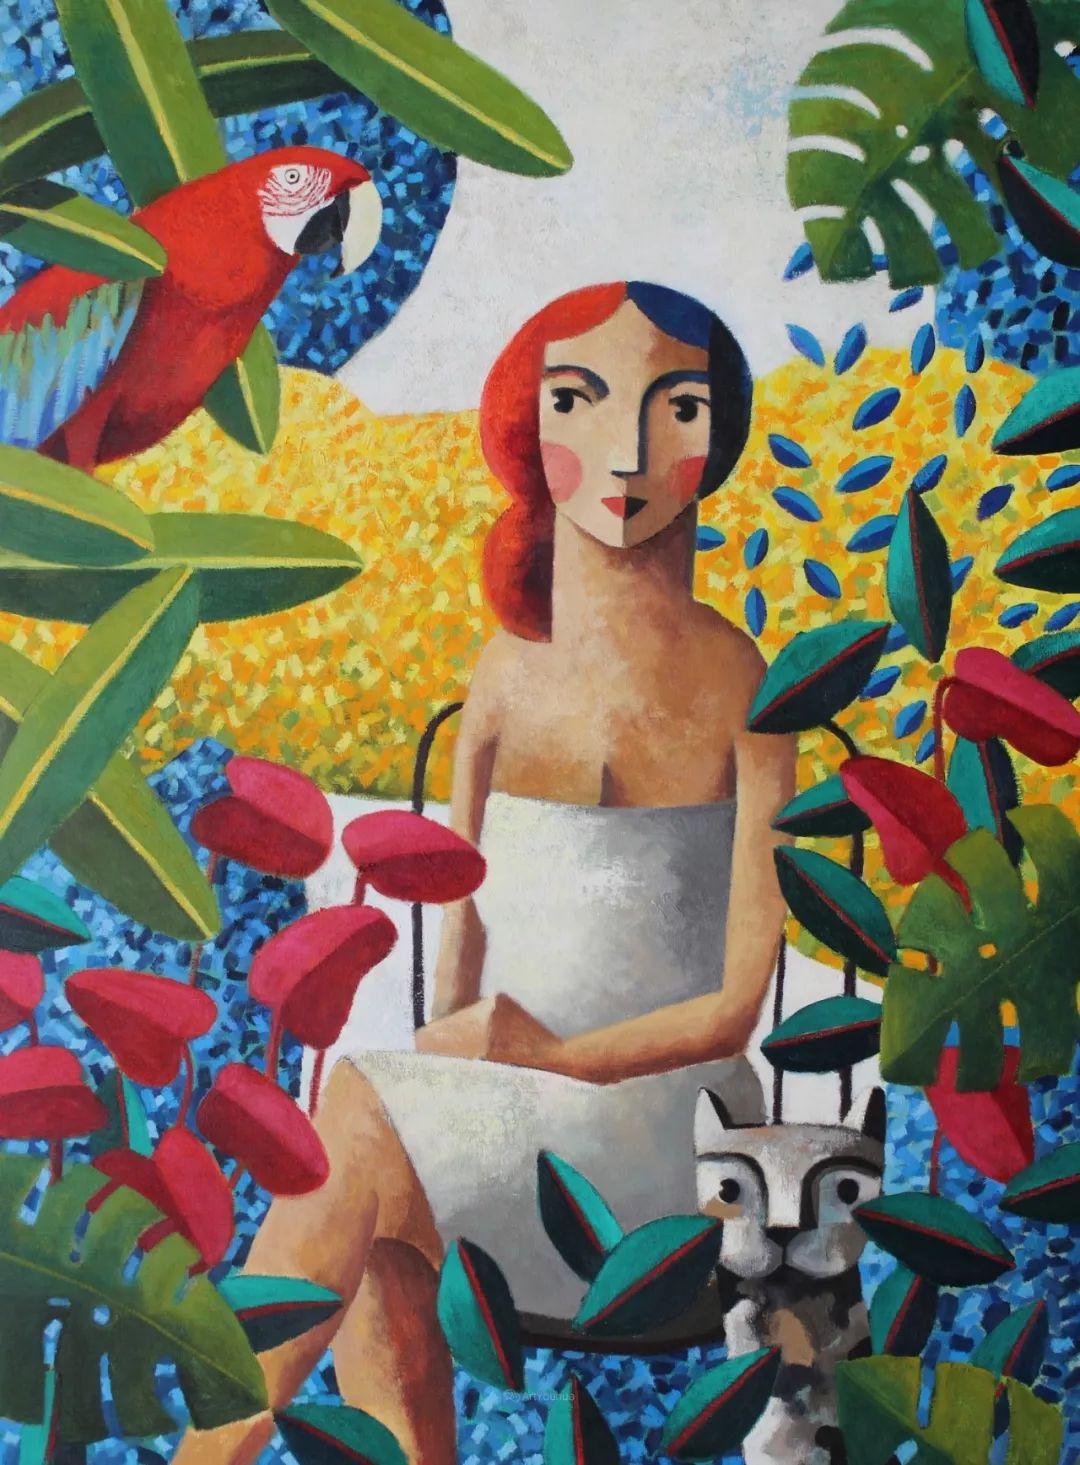 情感的表达,西班牙画家Didier Lourenço插图1